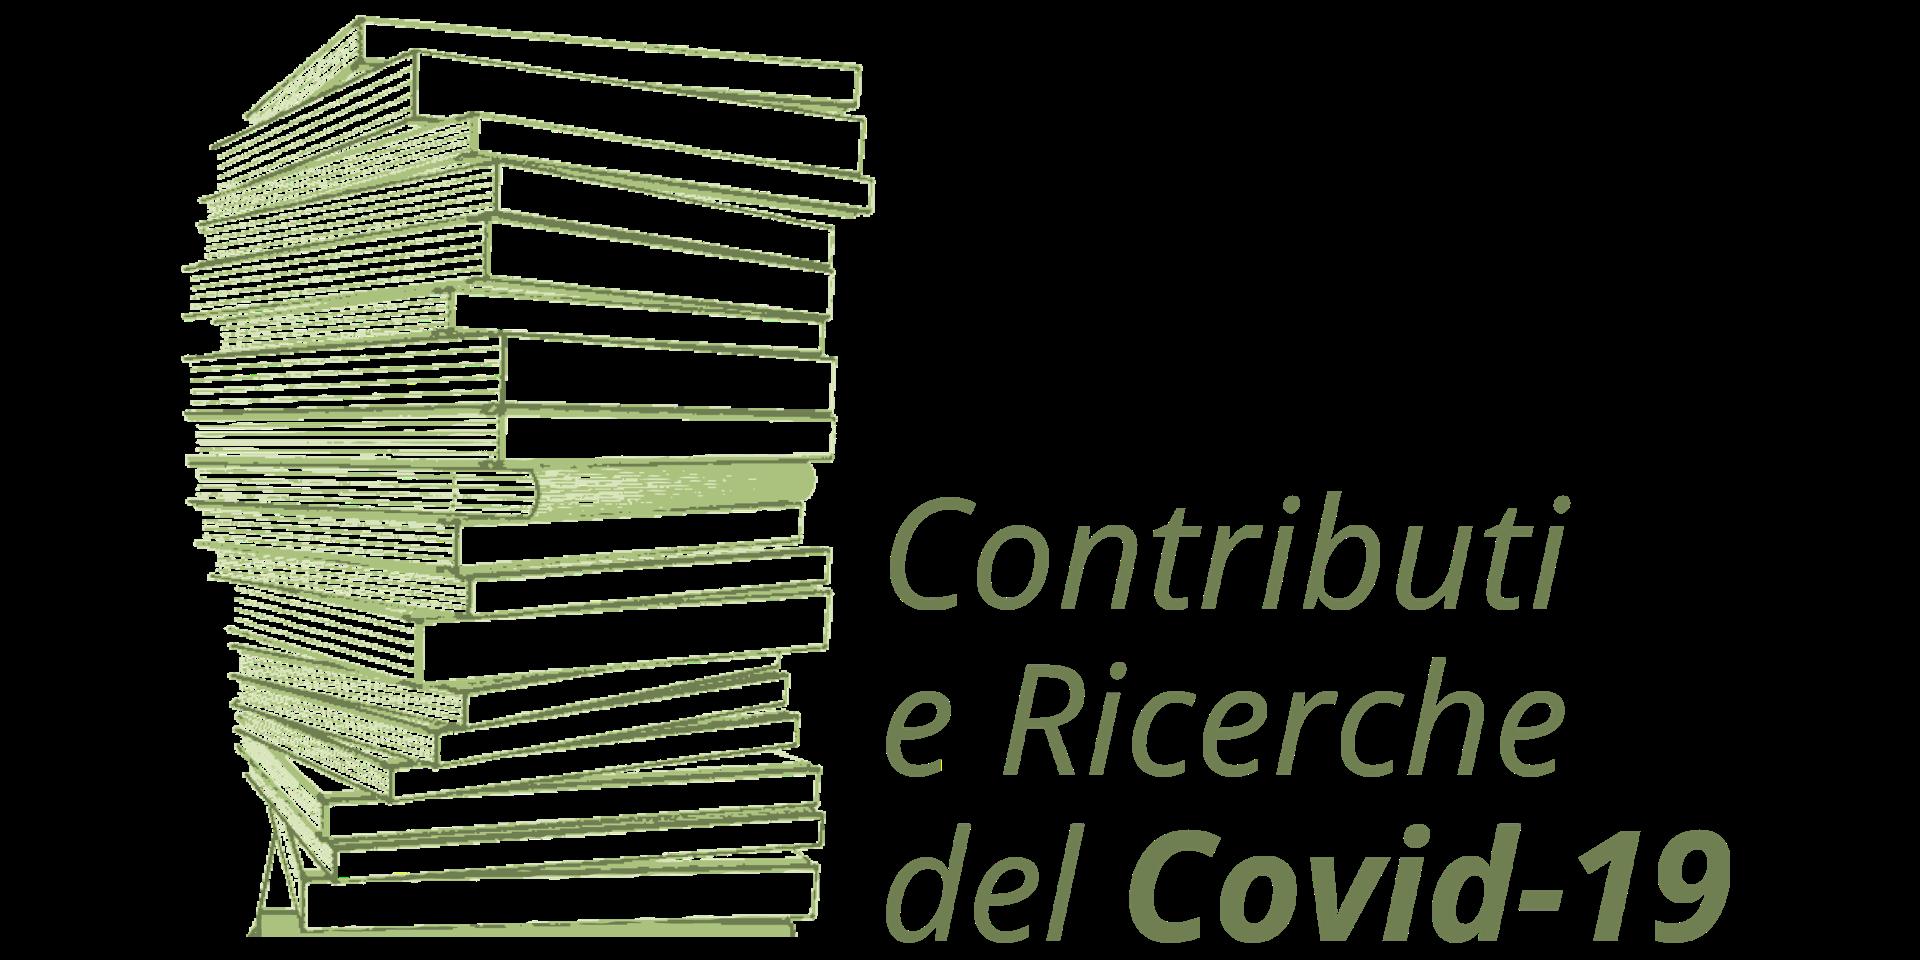 Logo-Nota-COVID-19-trasparenza copia 2